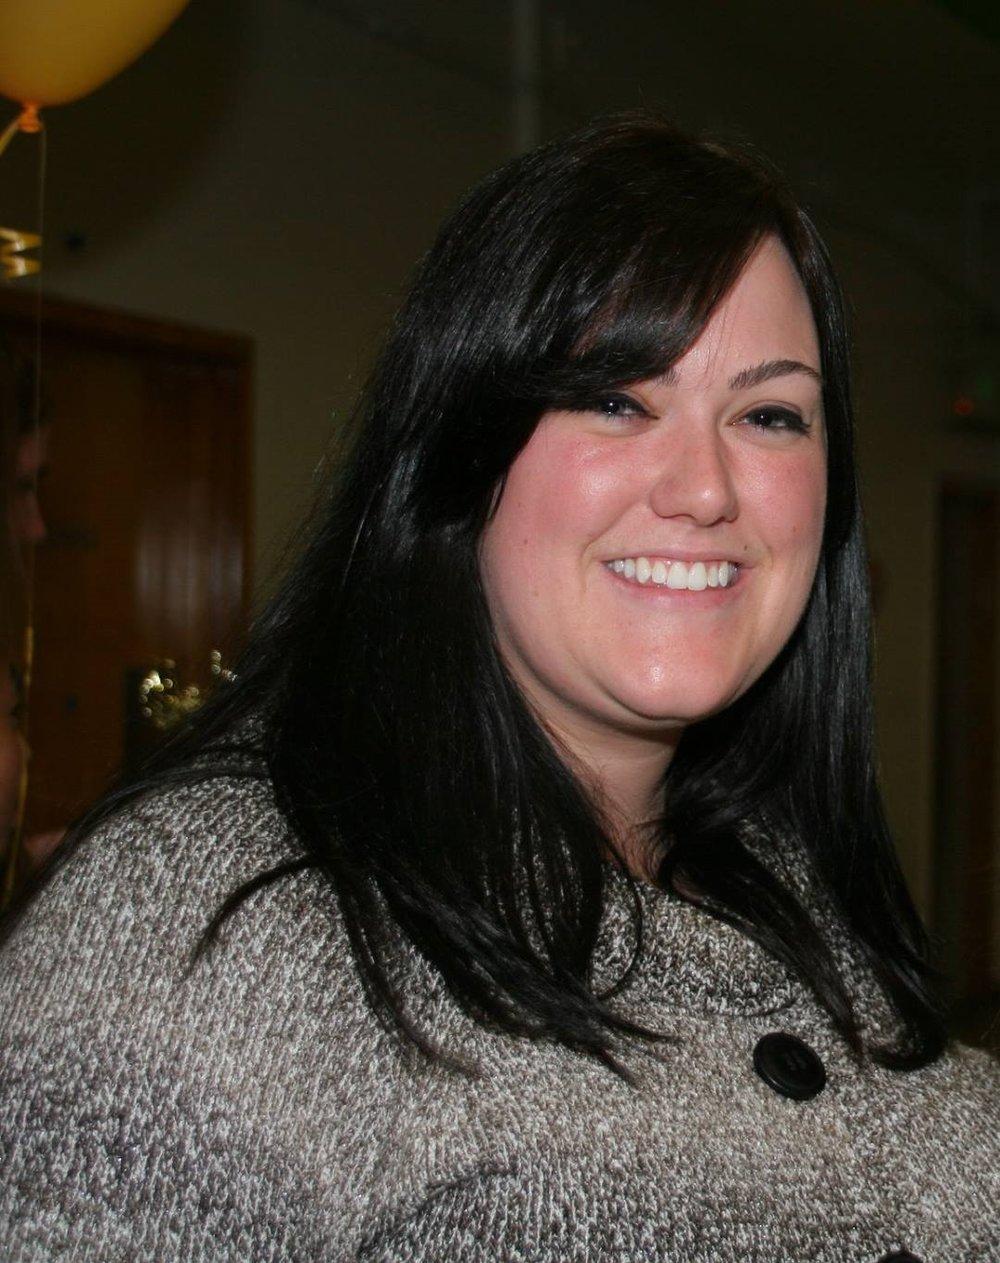 Rachel Burley is the exhibitions coordinator with CulturalDC.